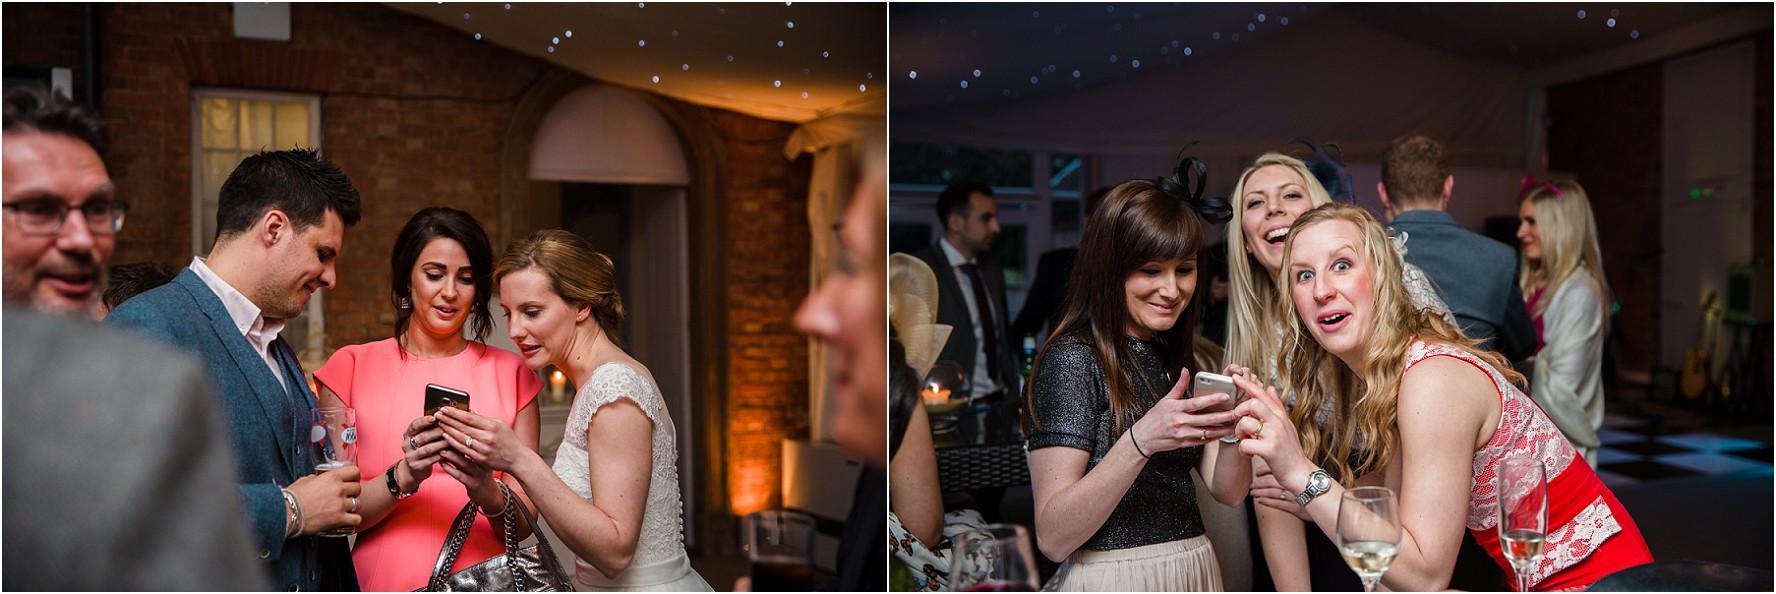 Wedding Photography Norwood Park_0138